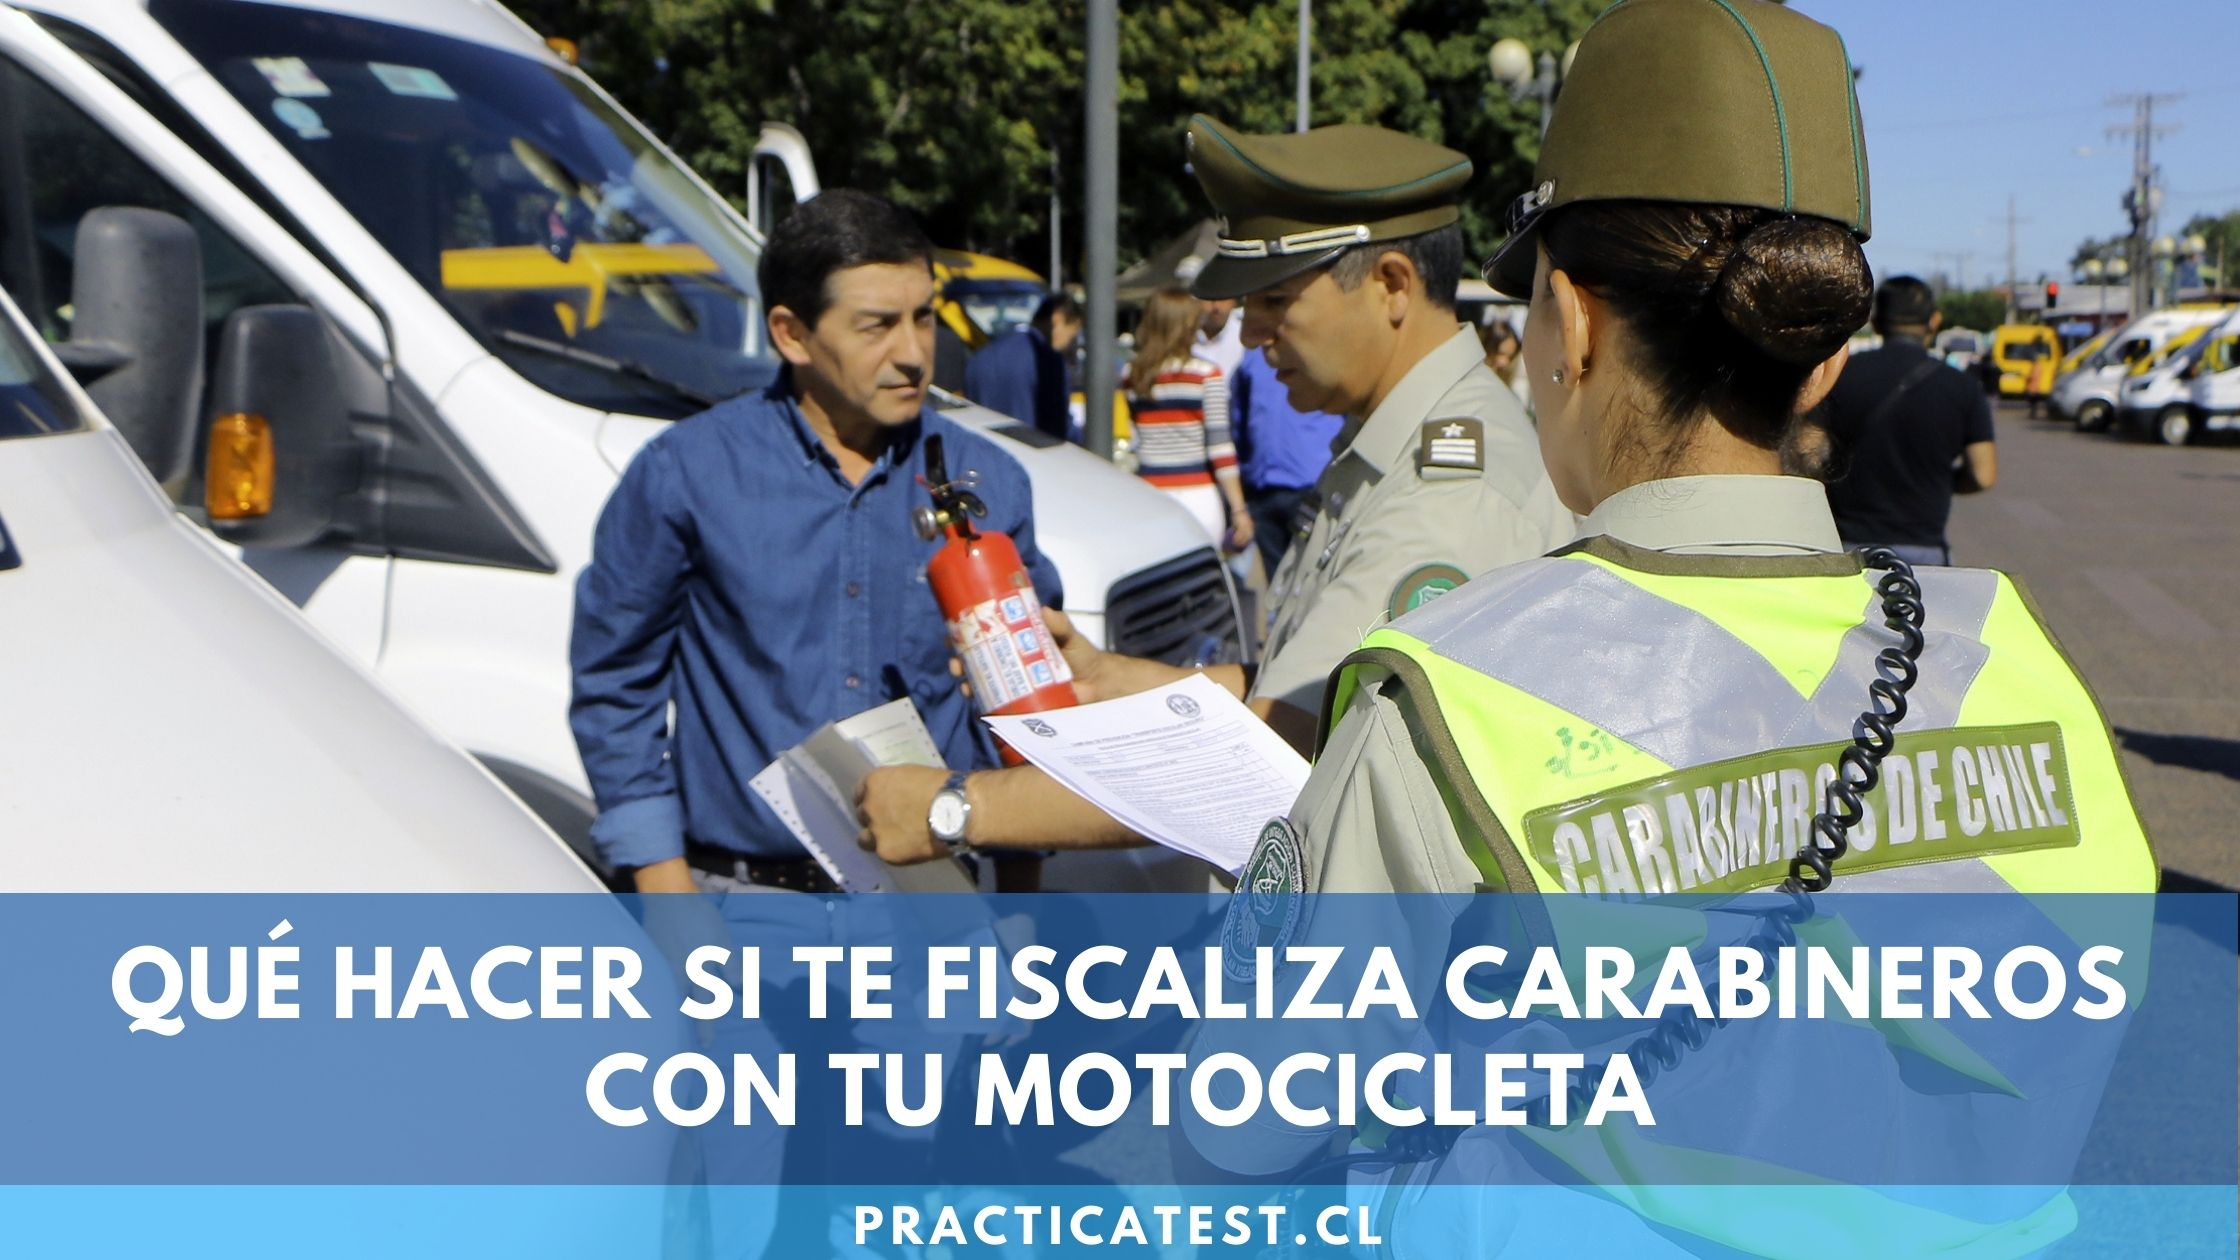 Documentos a presentar si nos fiscaliza uno de los Carabineros de Chile en la moto